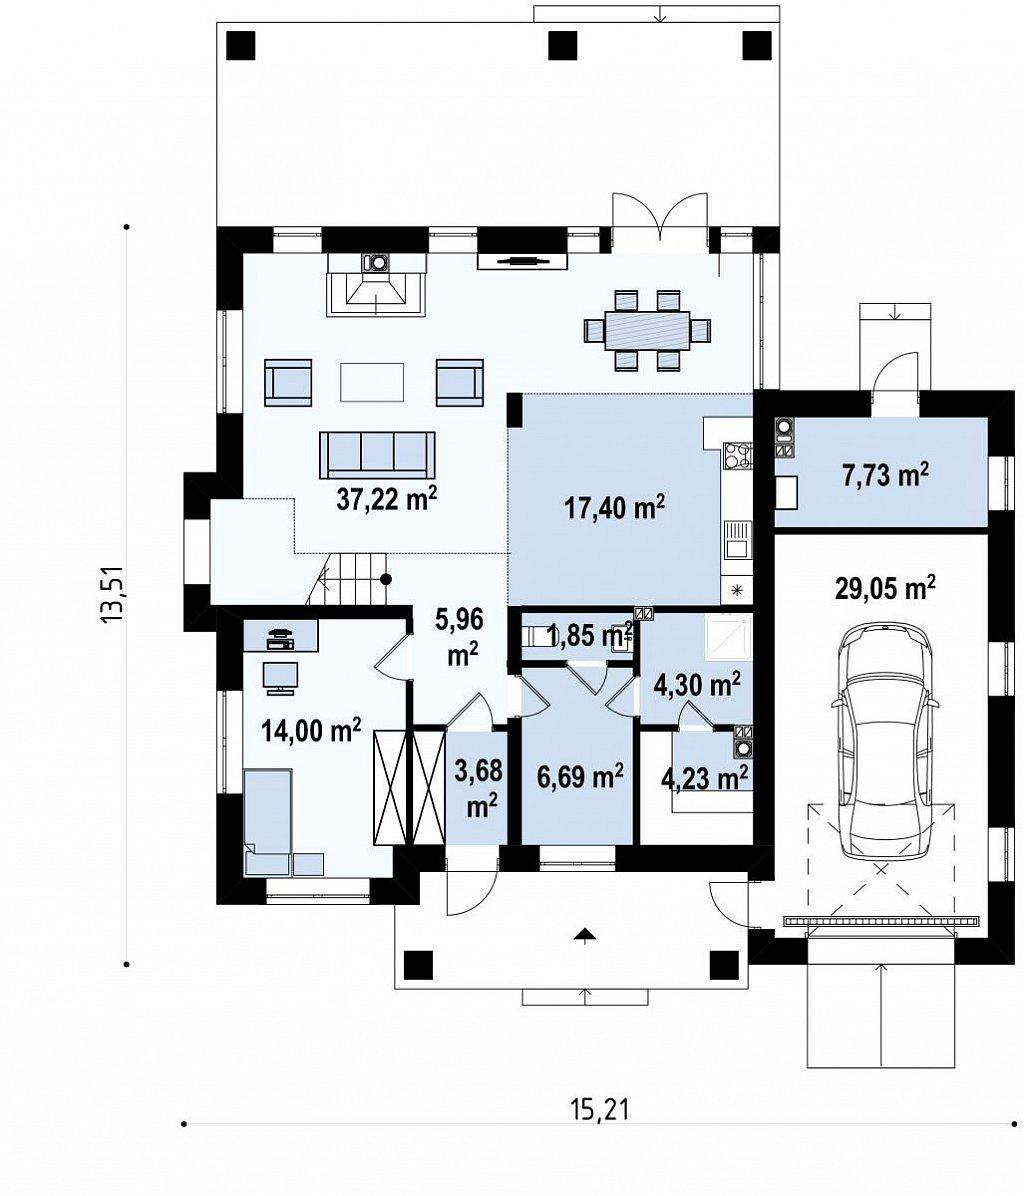 Проект двухуровневого просторного дома с гаражом на одно авто. план помещений 1